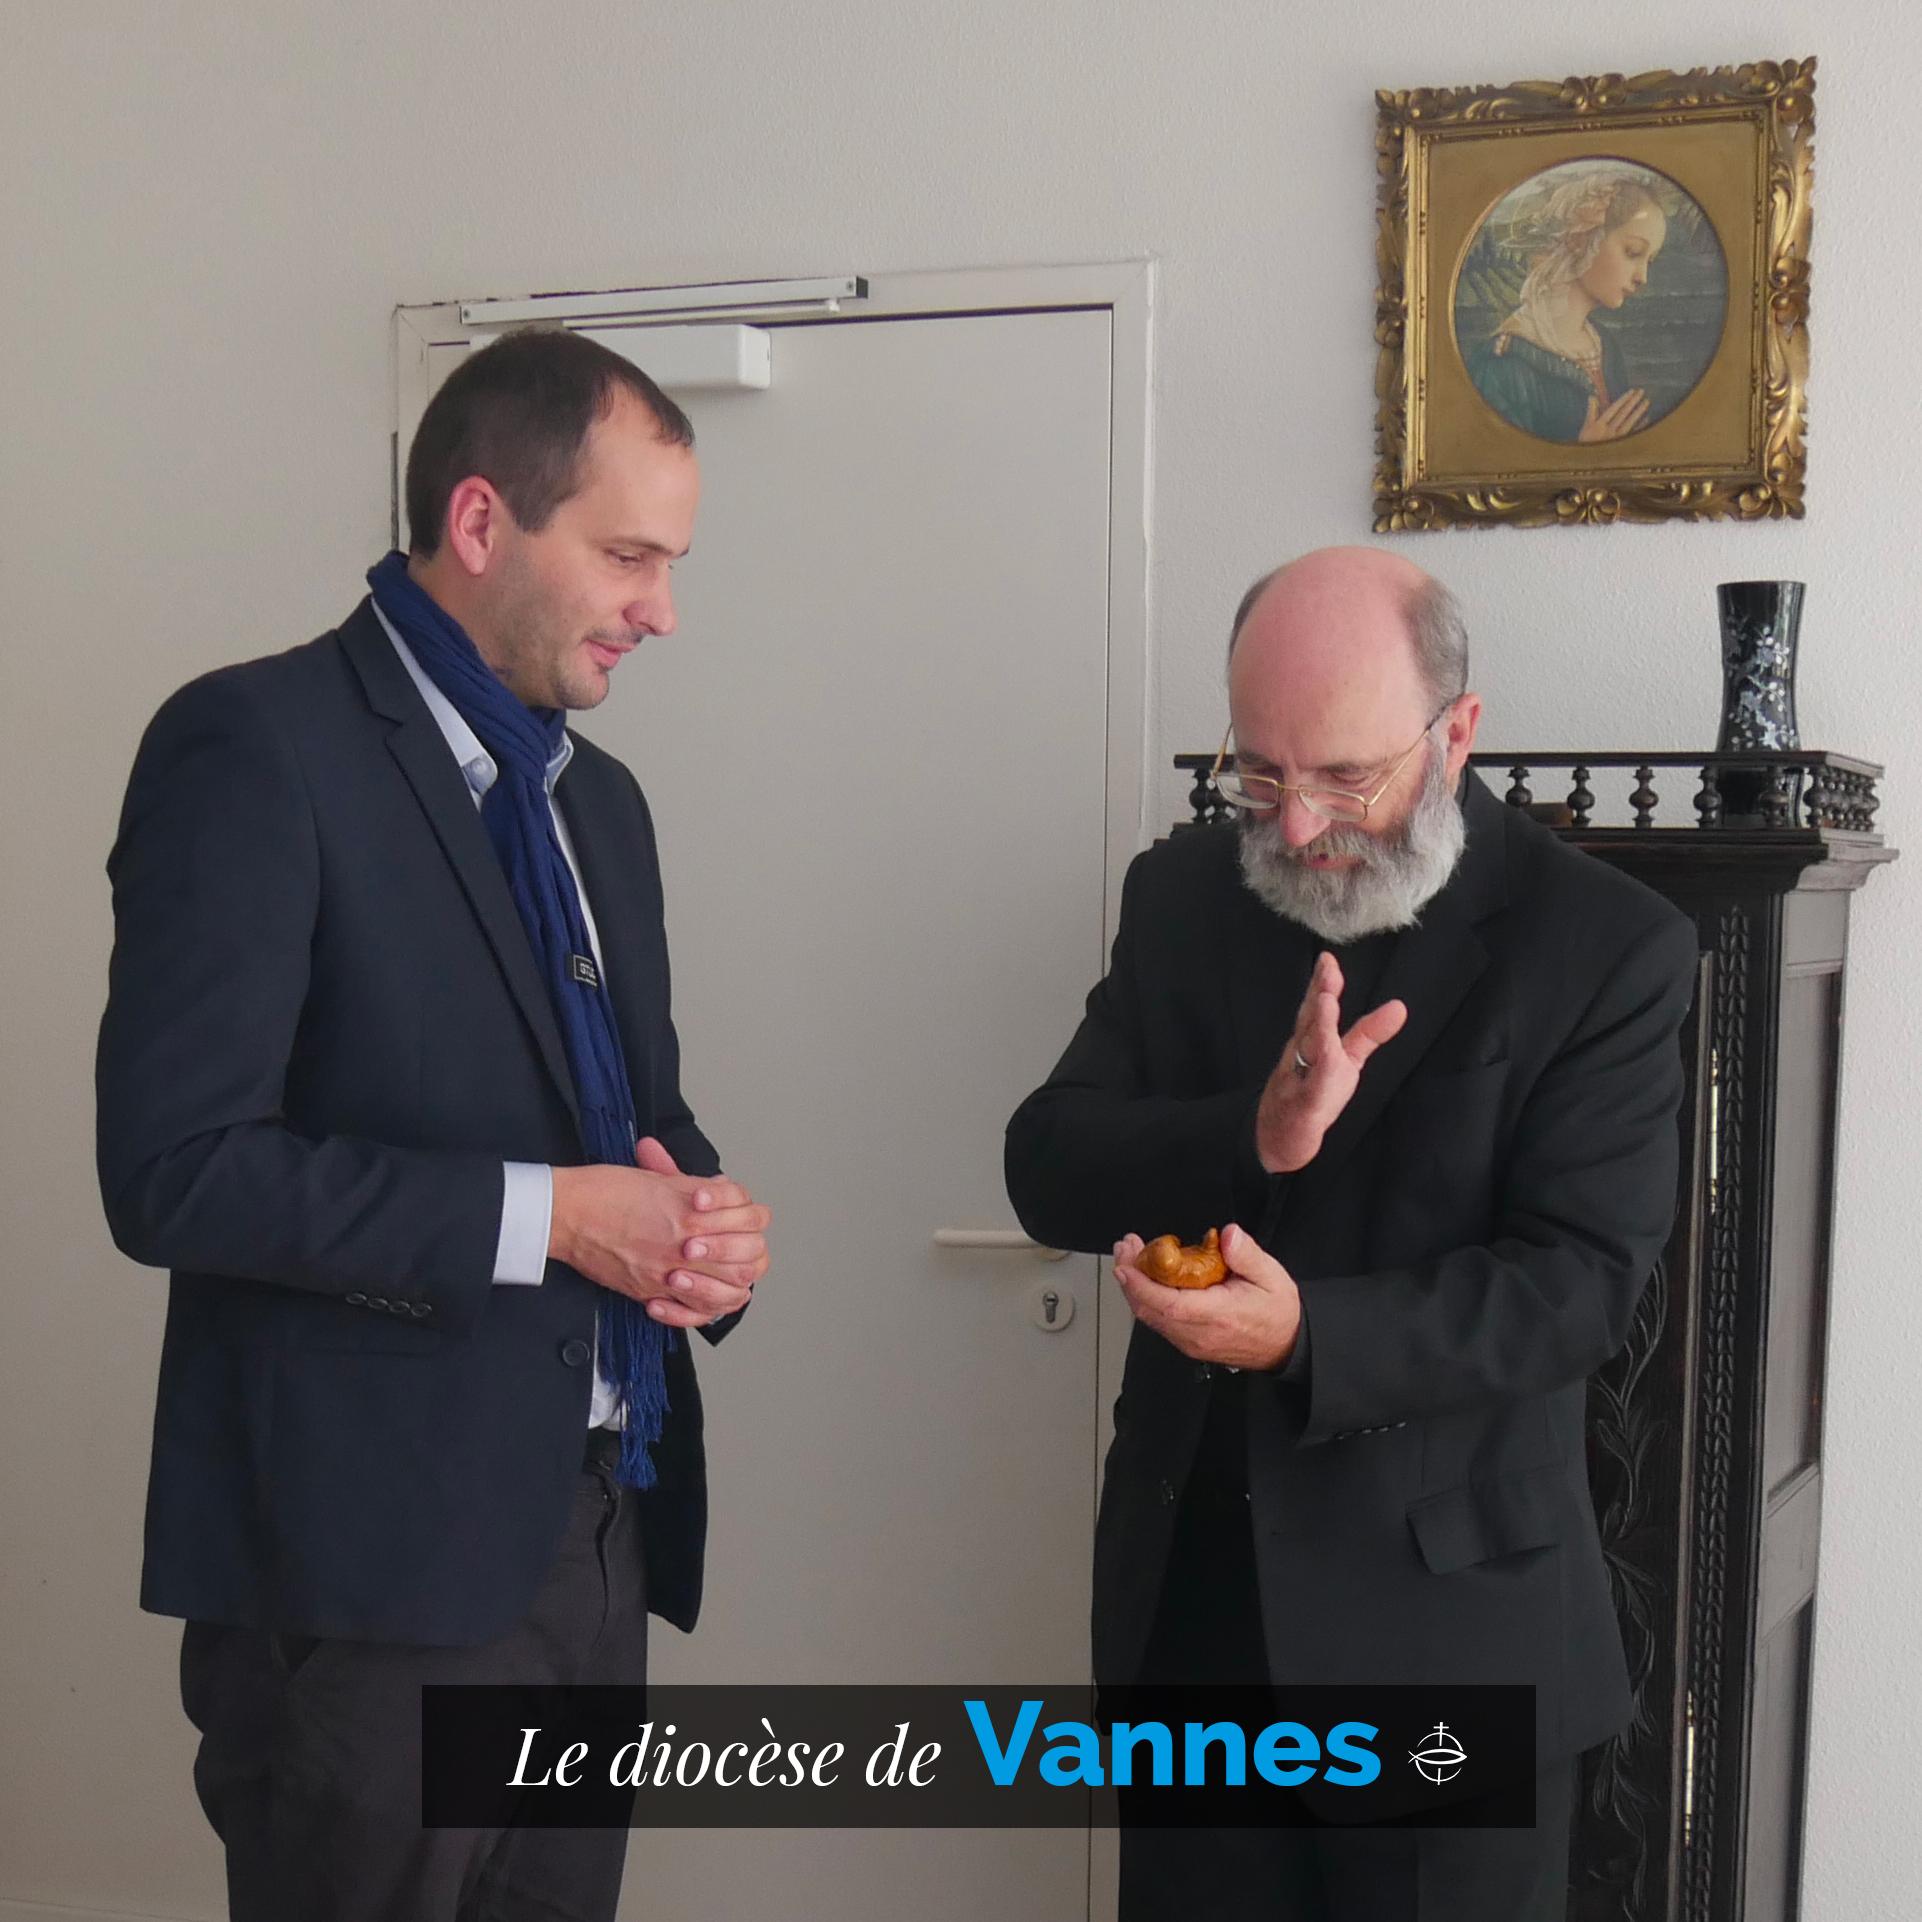 Notre rendez-vous avec Monseigneur Centène